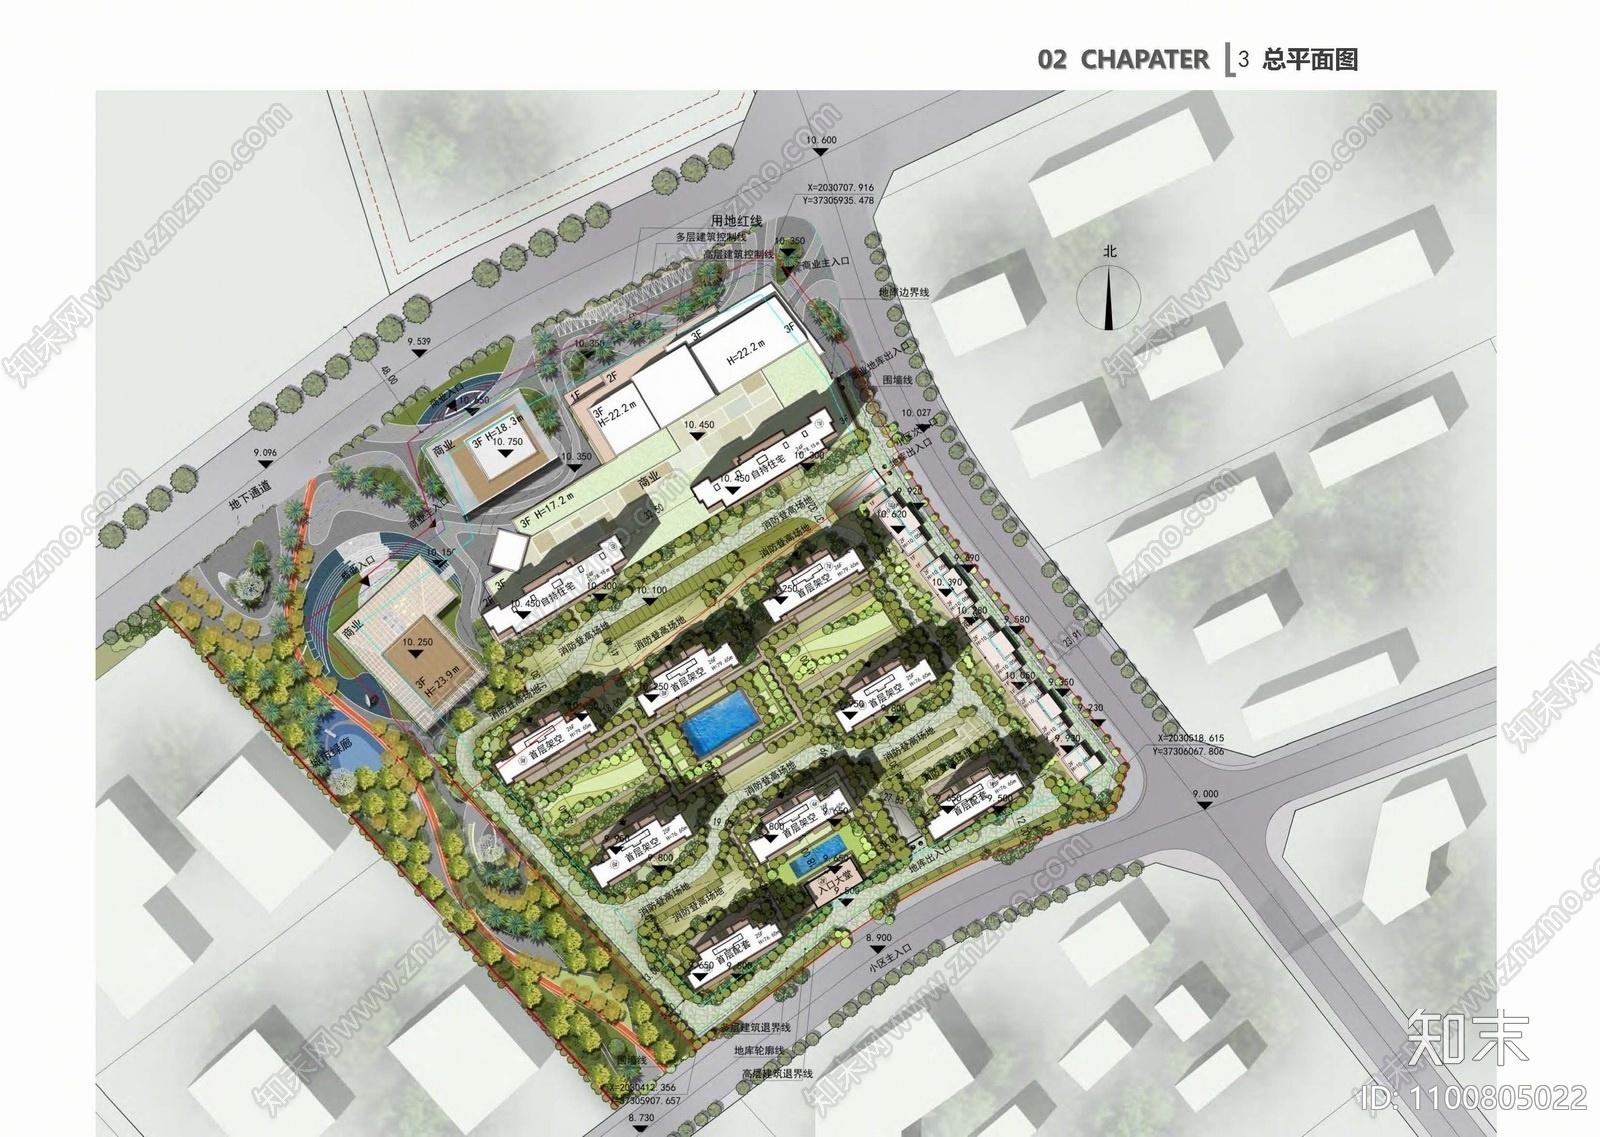 金茂三亚崖州湾南繁科技起步区项目方案文本下载【ID:1100805022】